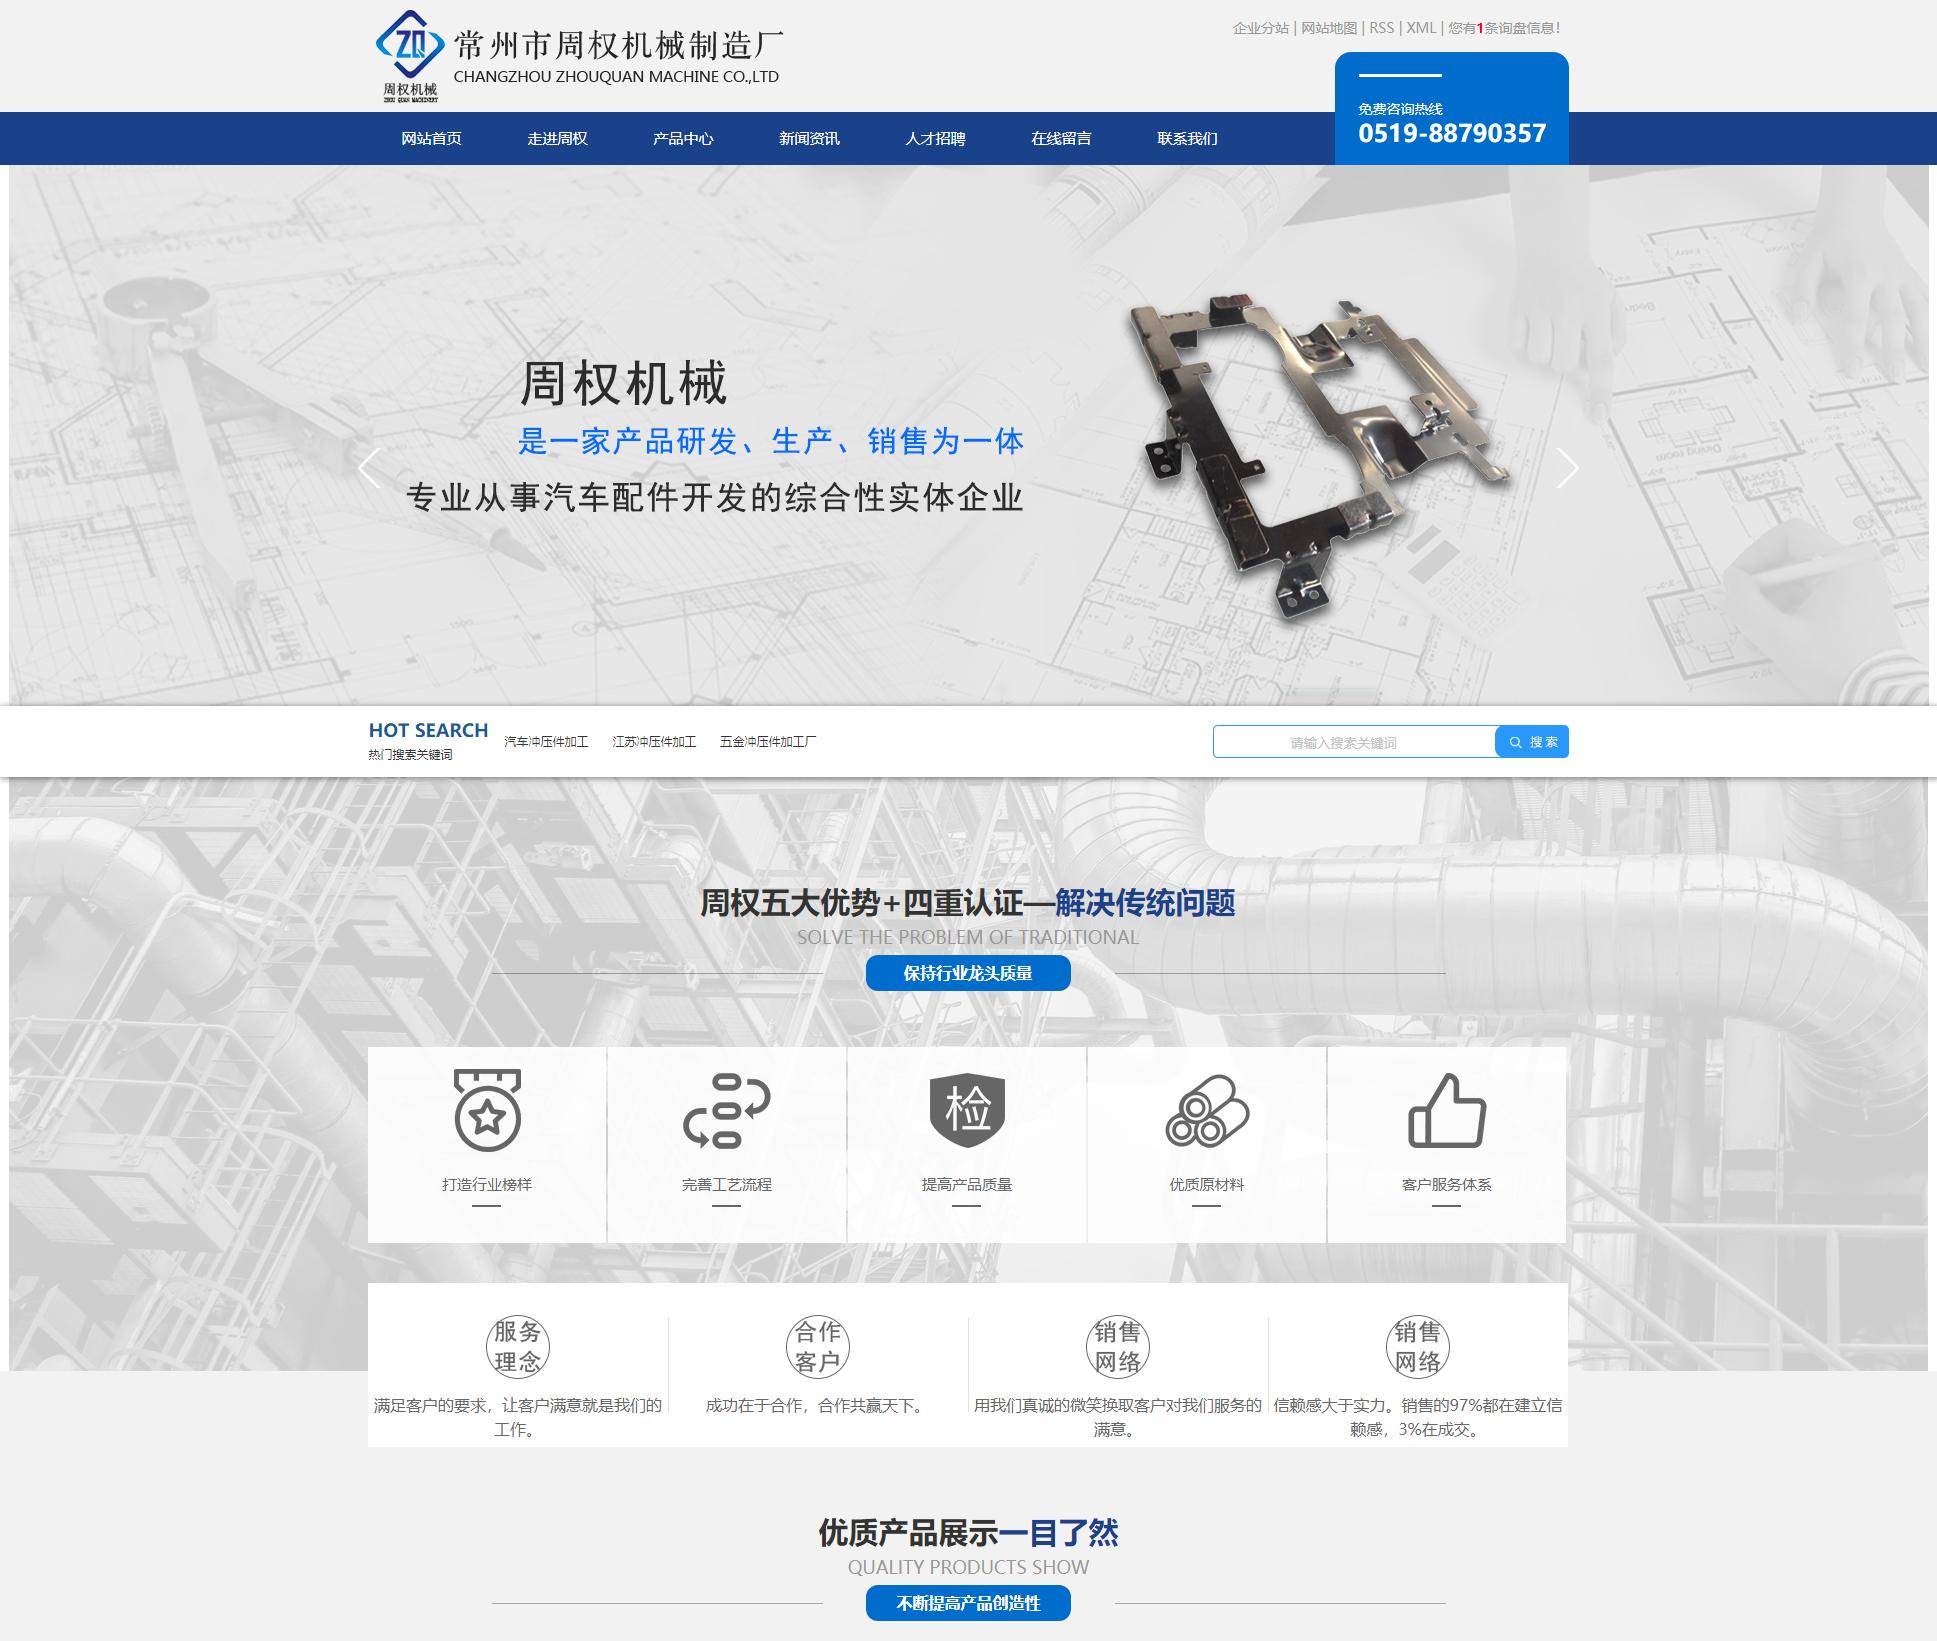 镇江大的谷歌推广公司